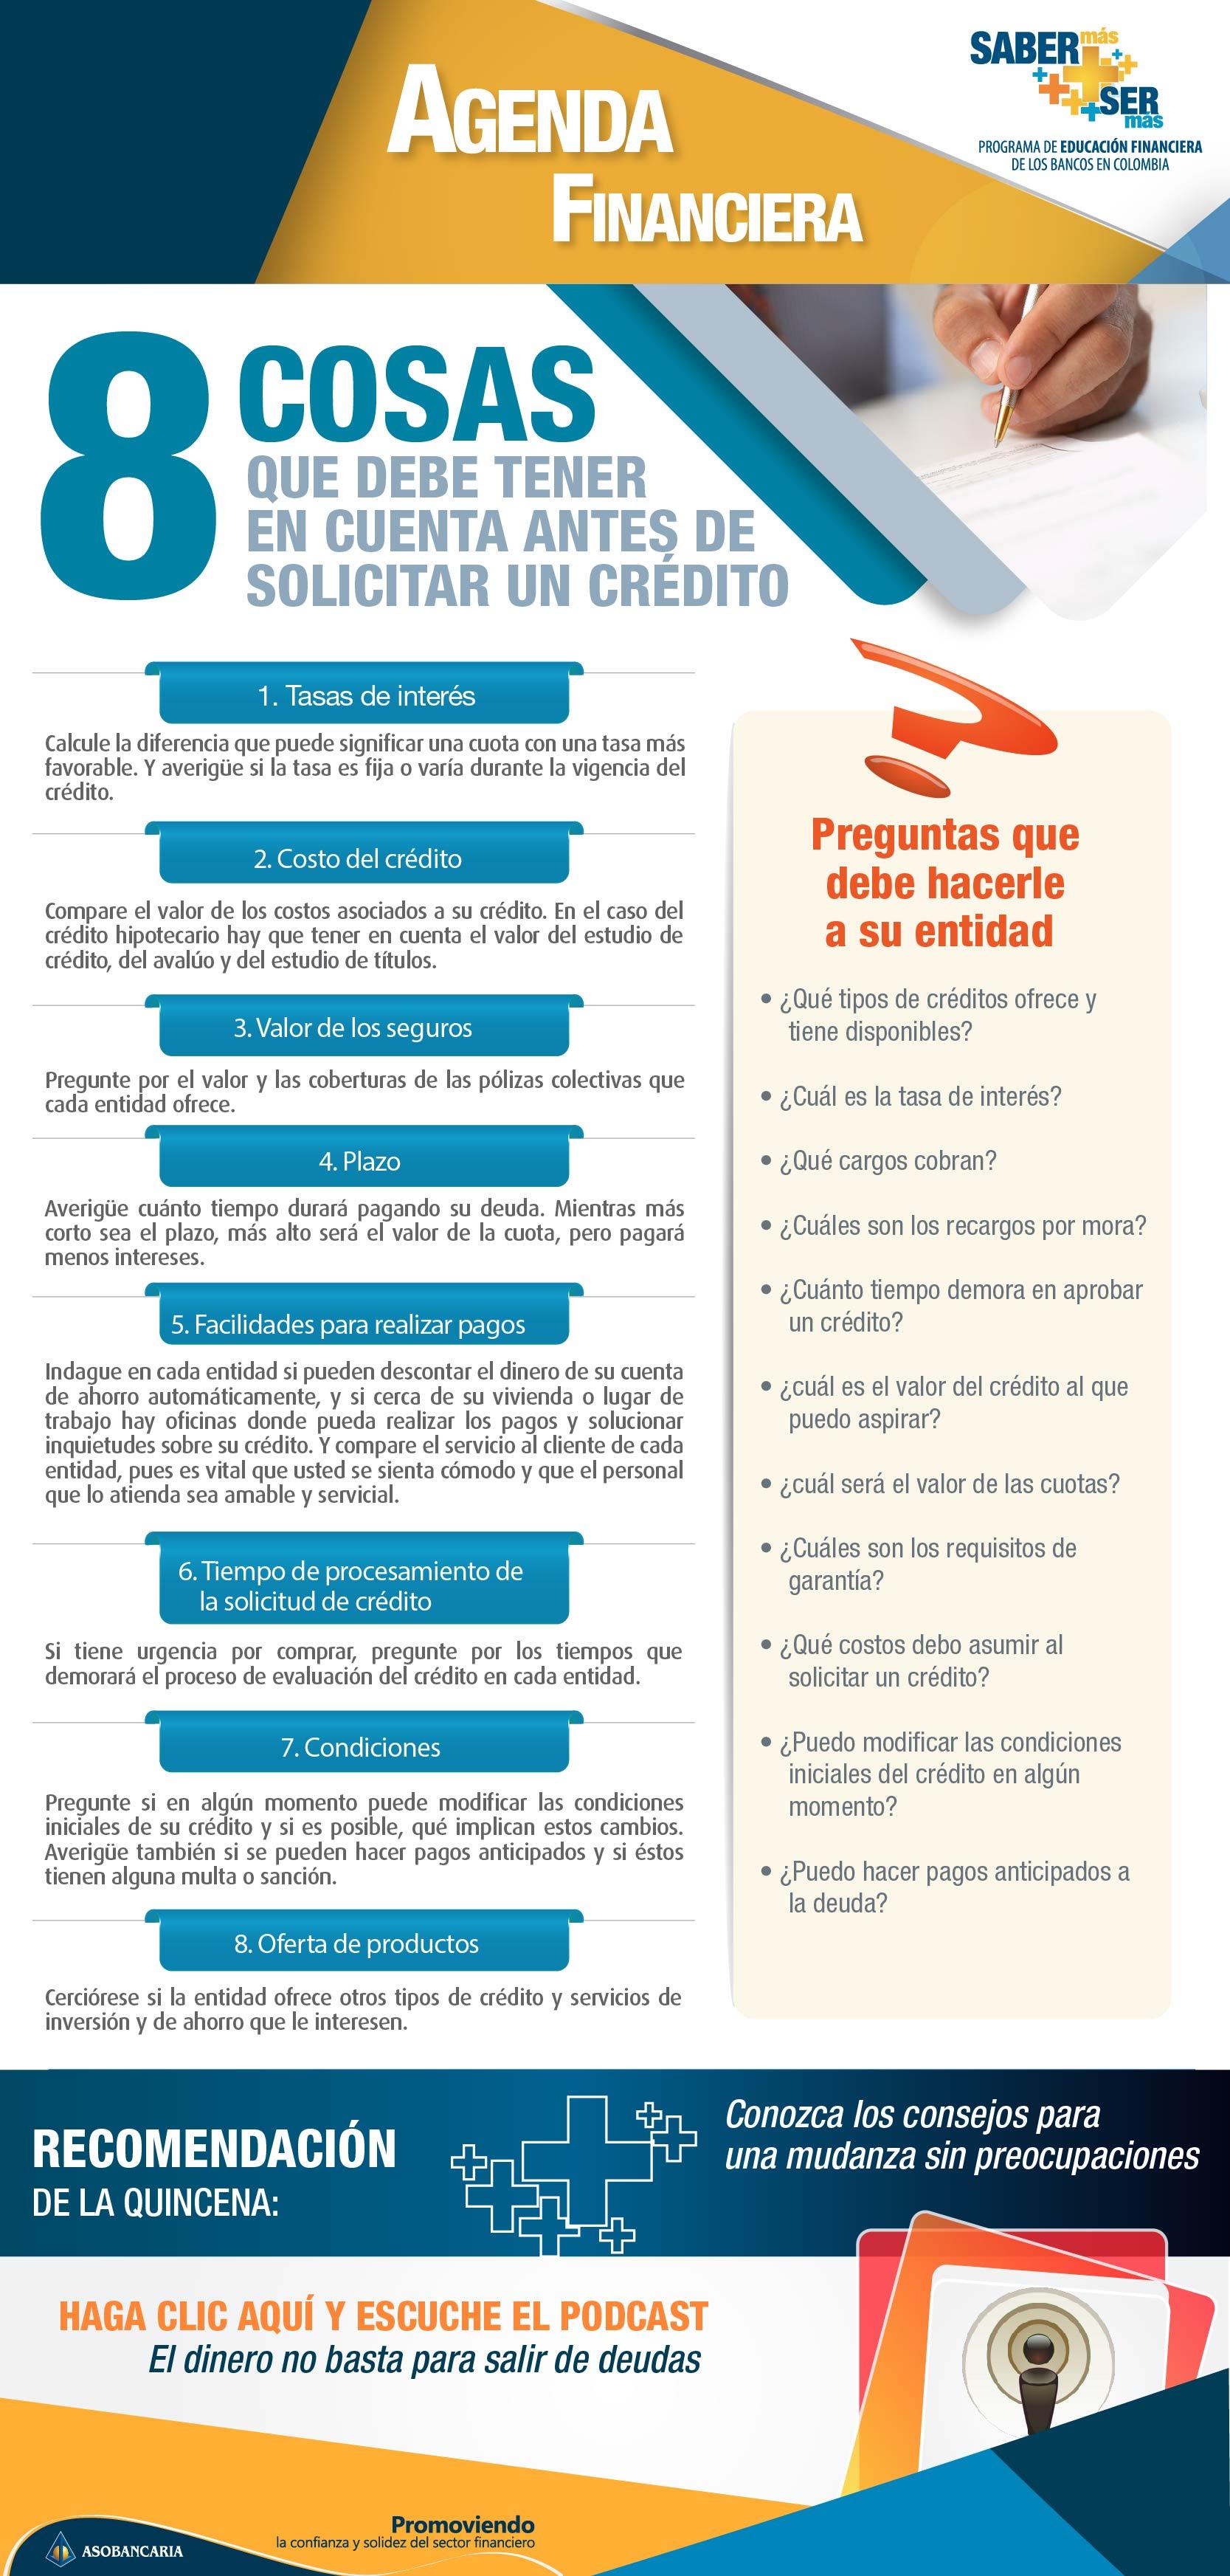 Boletin 12 - Ocho cosas que debe tener en cuenta, antes de solicitar un credito